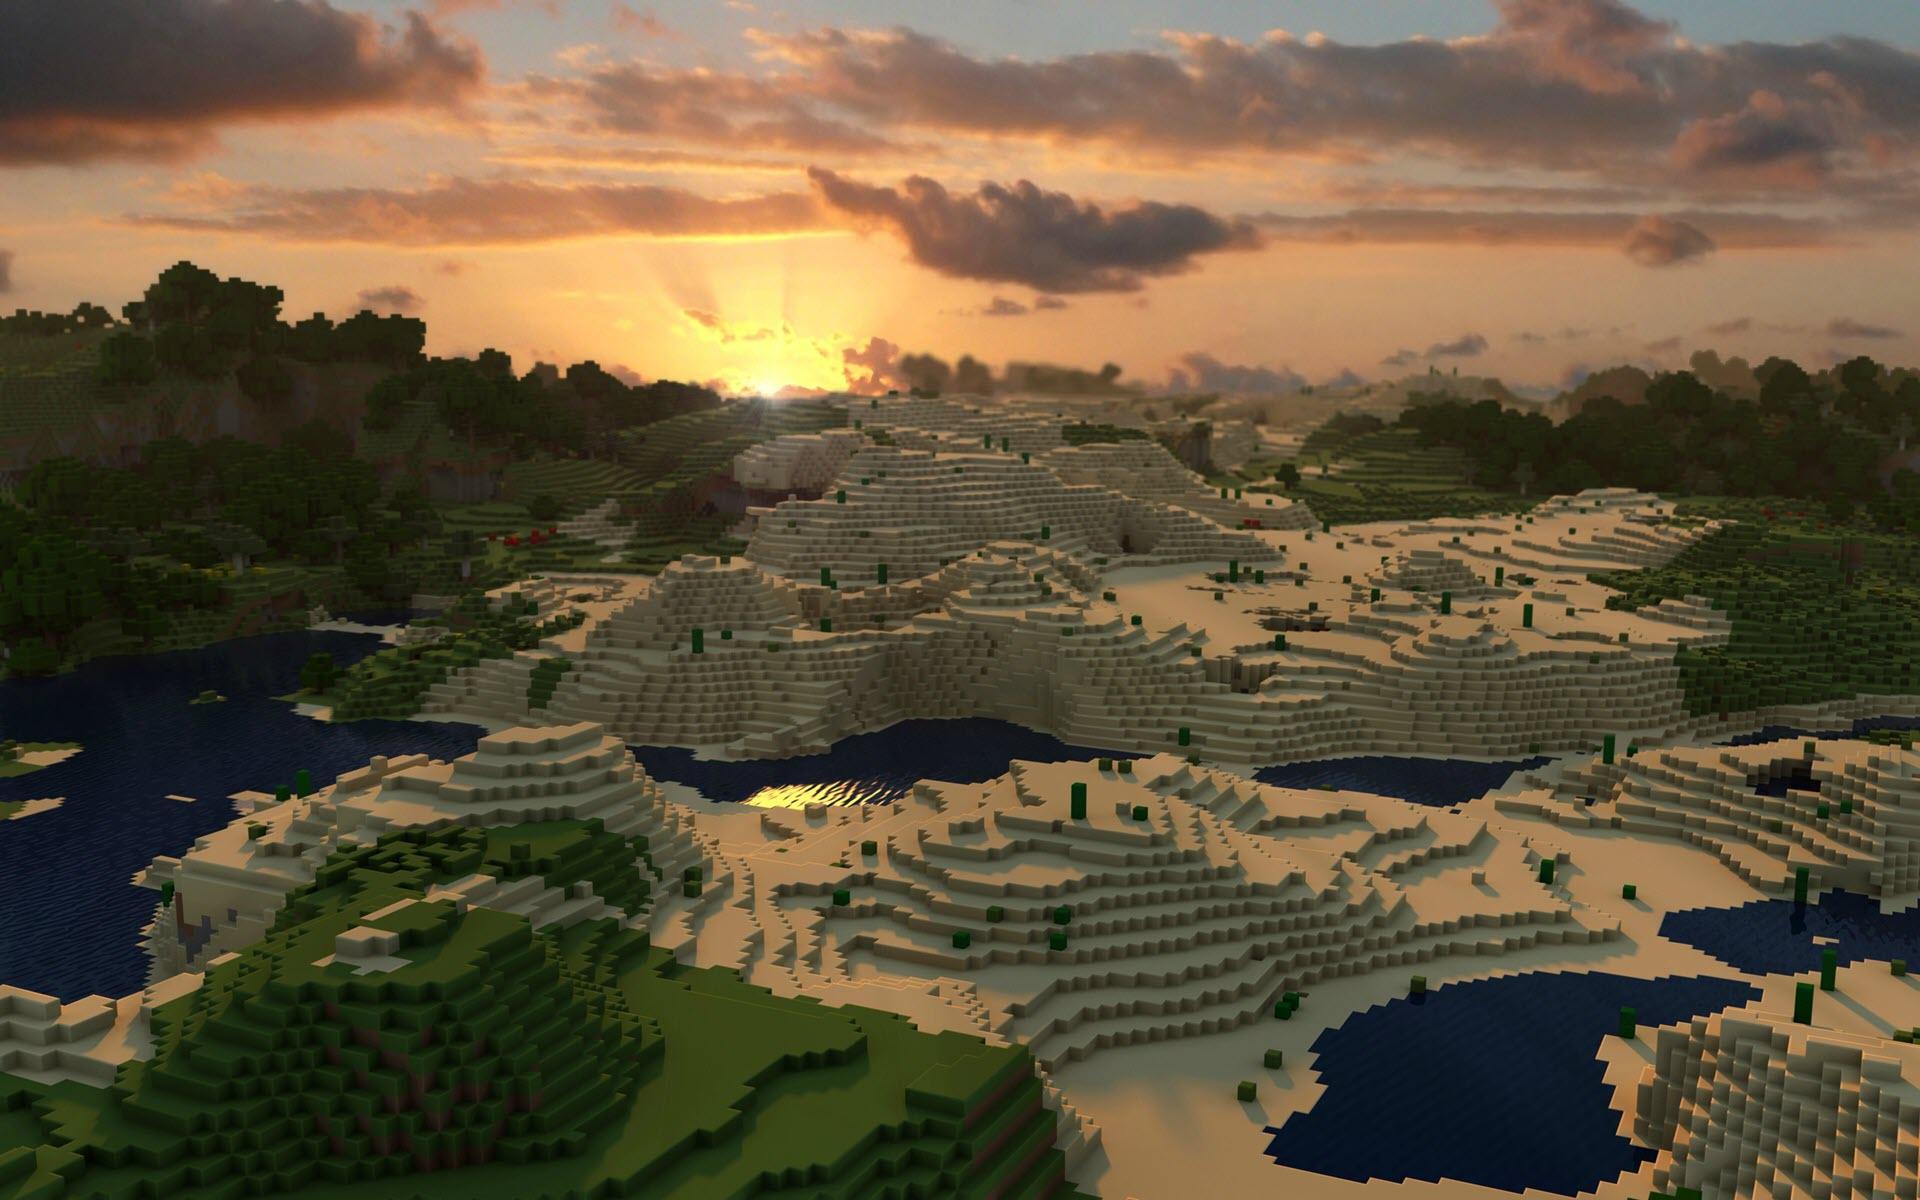 Hình nền phong cảnh Minecraft